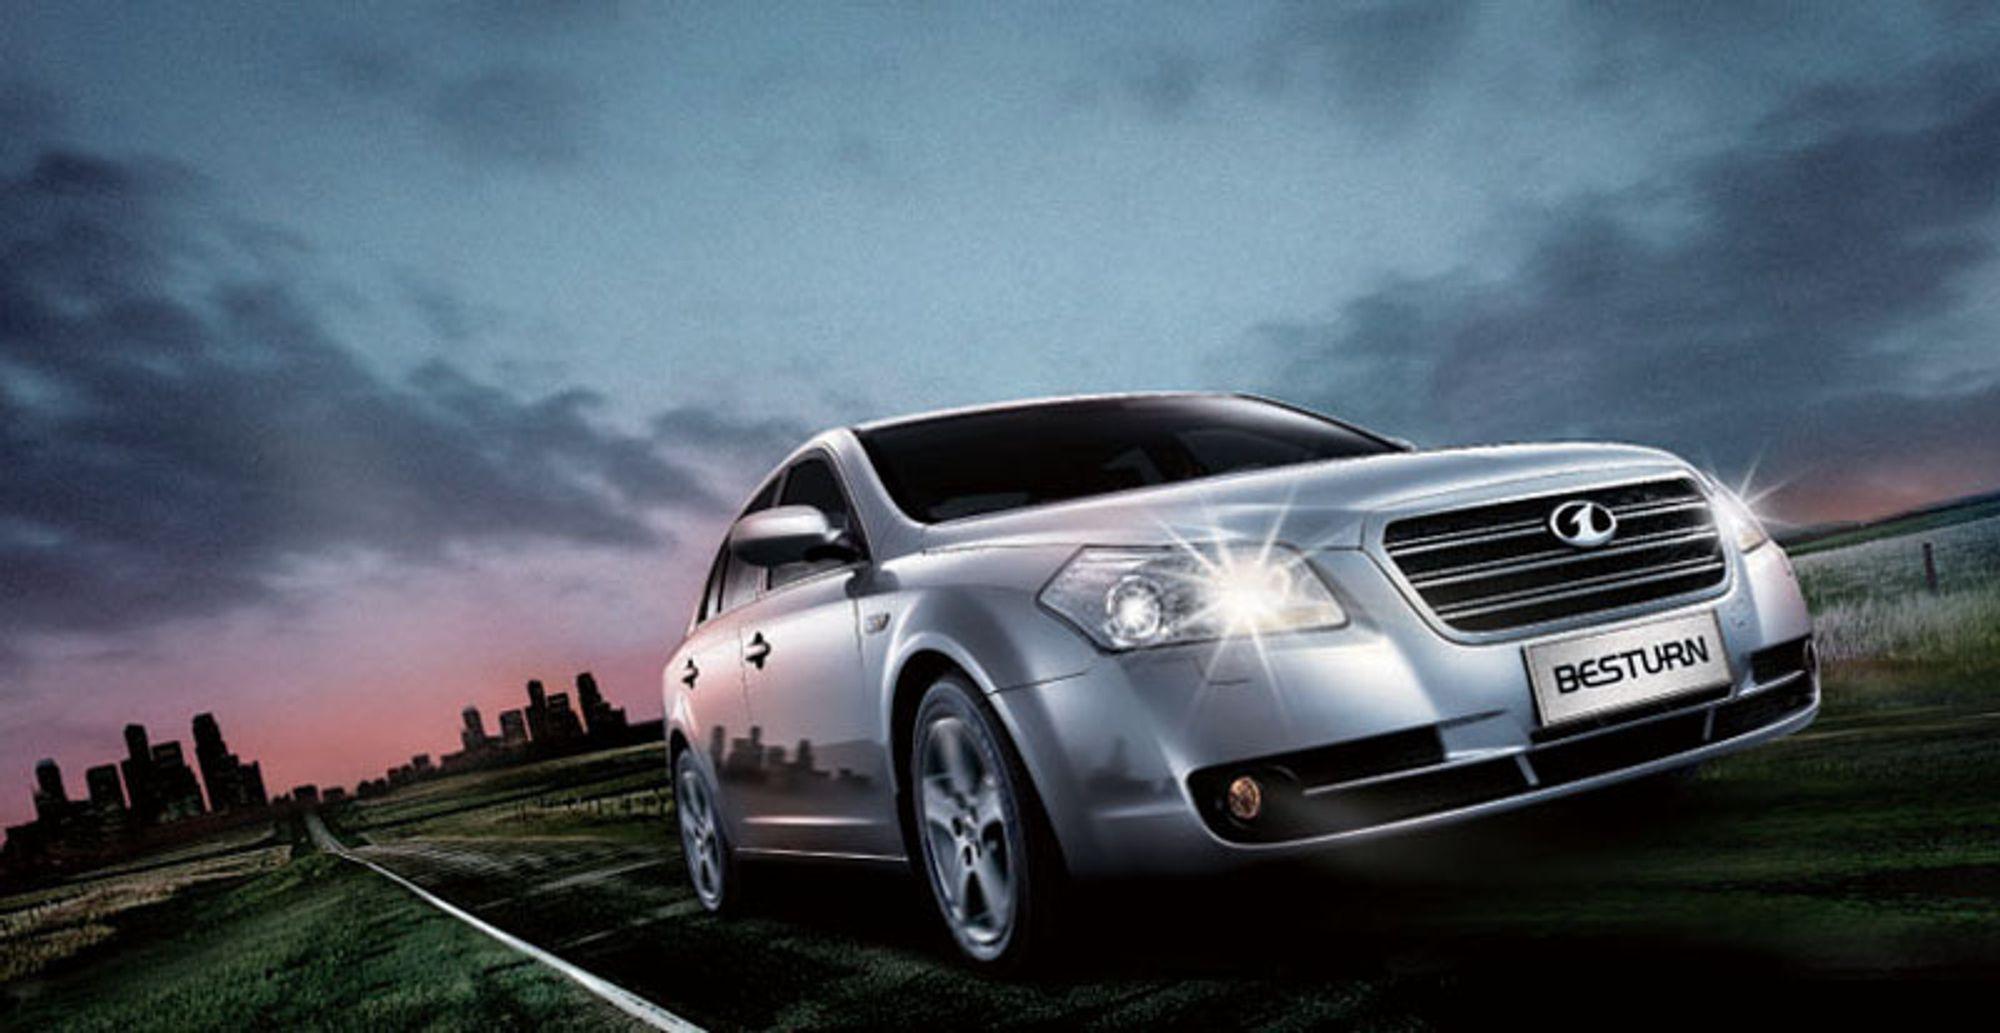 First Automobile Worsk (FAW) er Kinas største bilprodusent, her med modellen Bestturn. Selskapet ble startet i 1953.